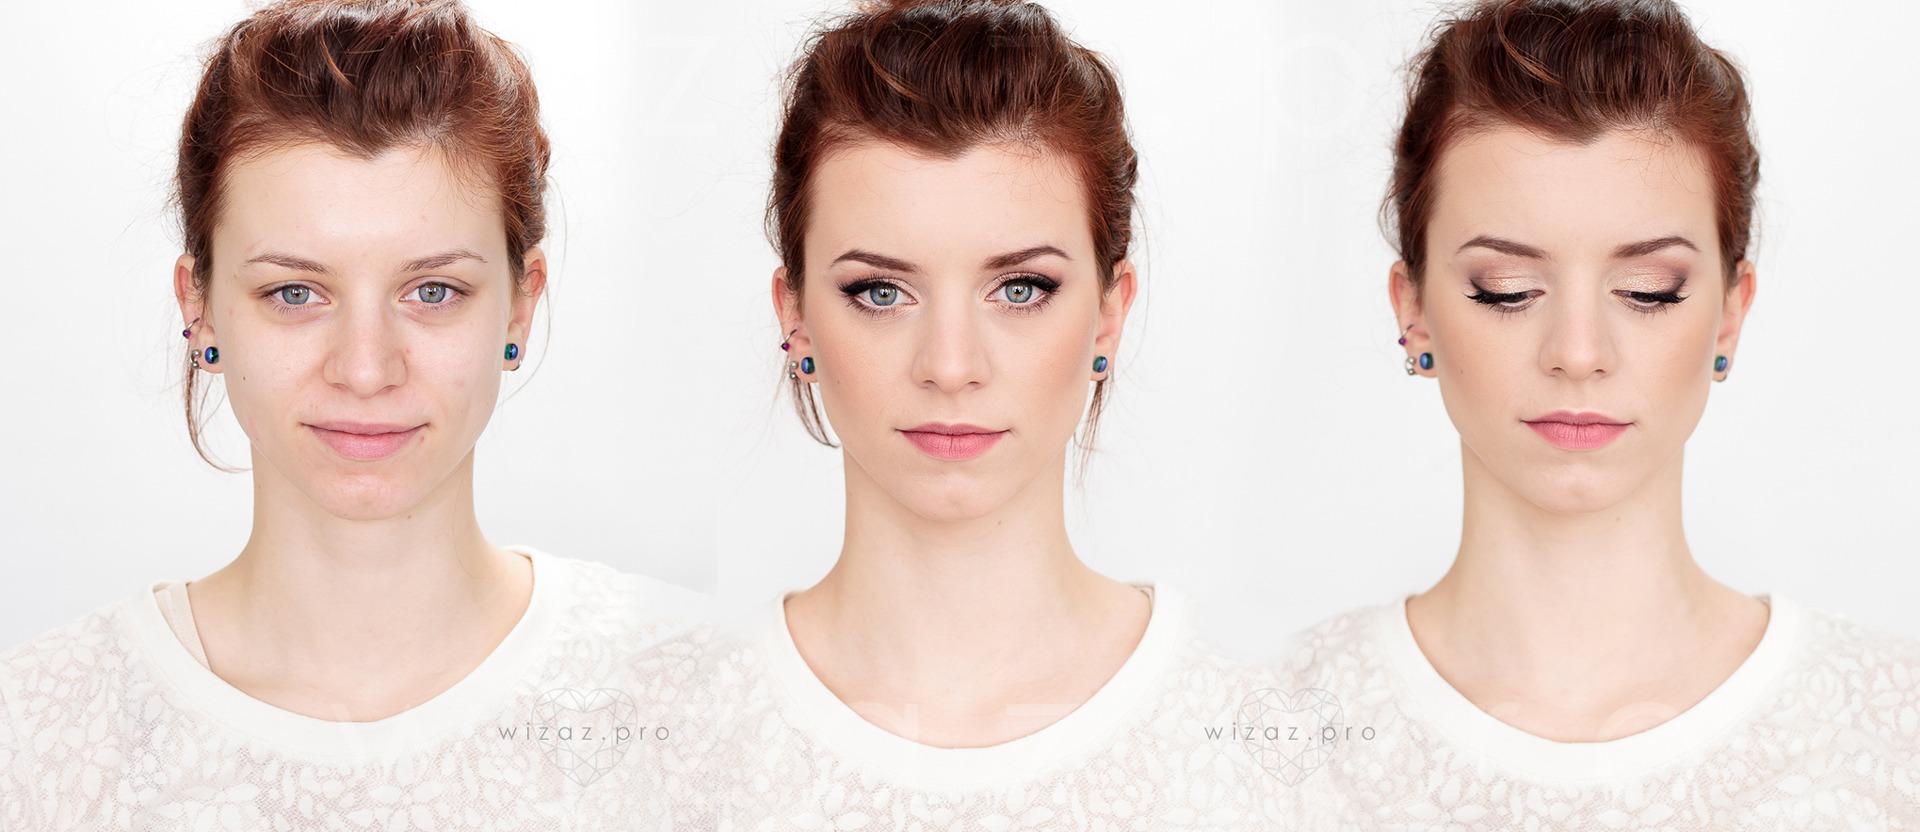 Makijaż ślubny delikatny rozświetlający dla rudej rudzielca - niebieskie oczy - Wizaż PRO Kraków